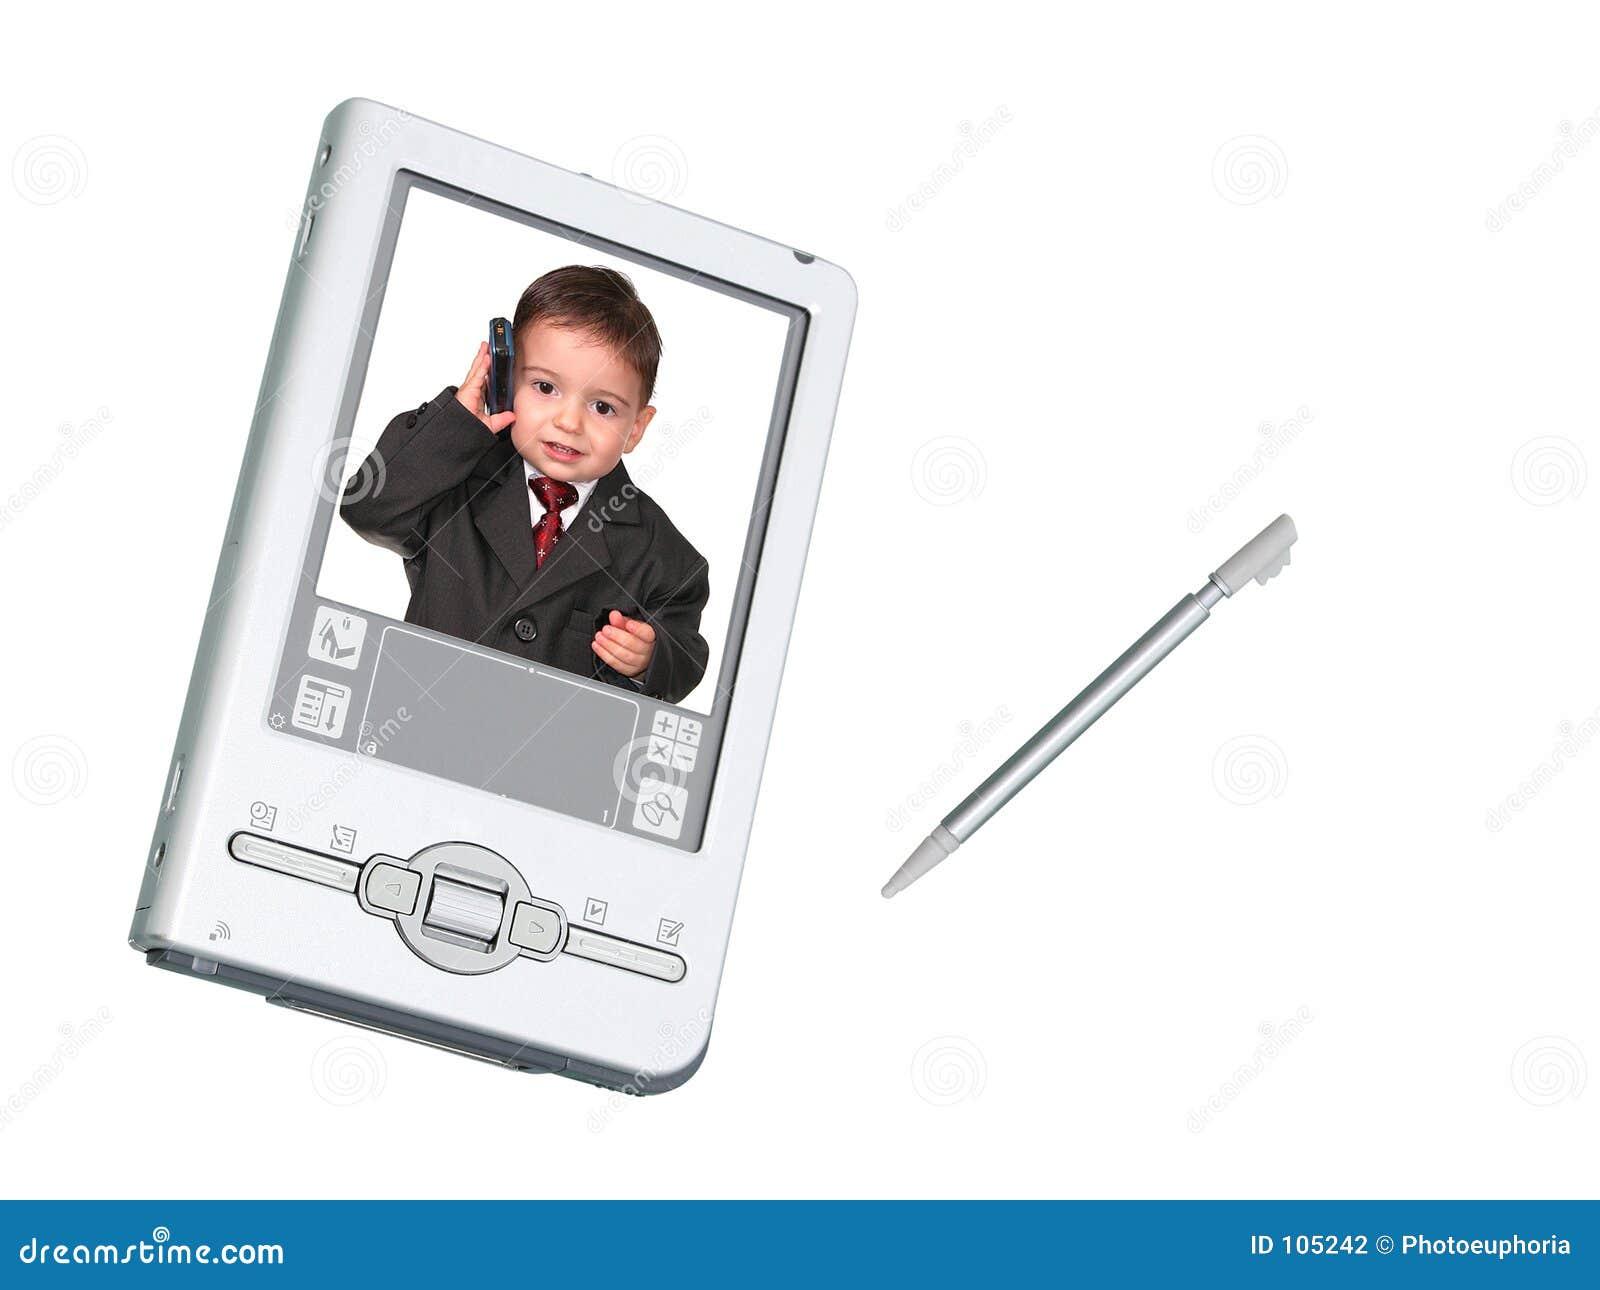 Palmtop telefonu stylus kamery cyfrowe berbecia nadmiar białych